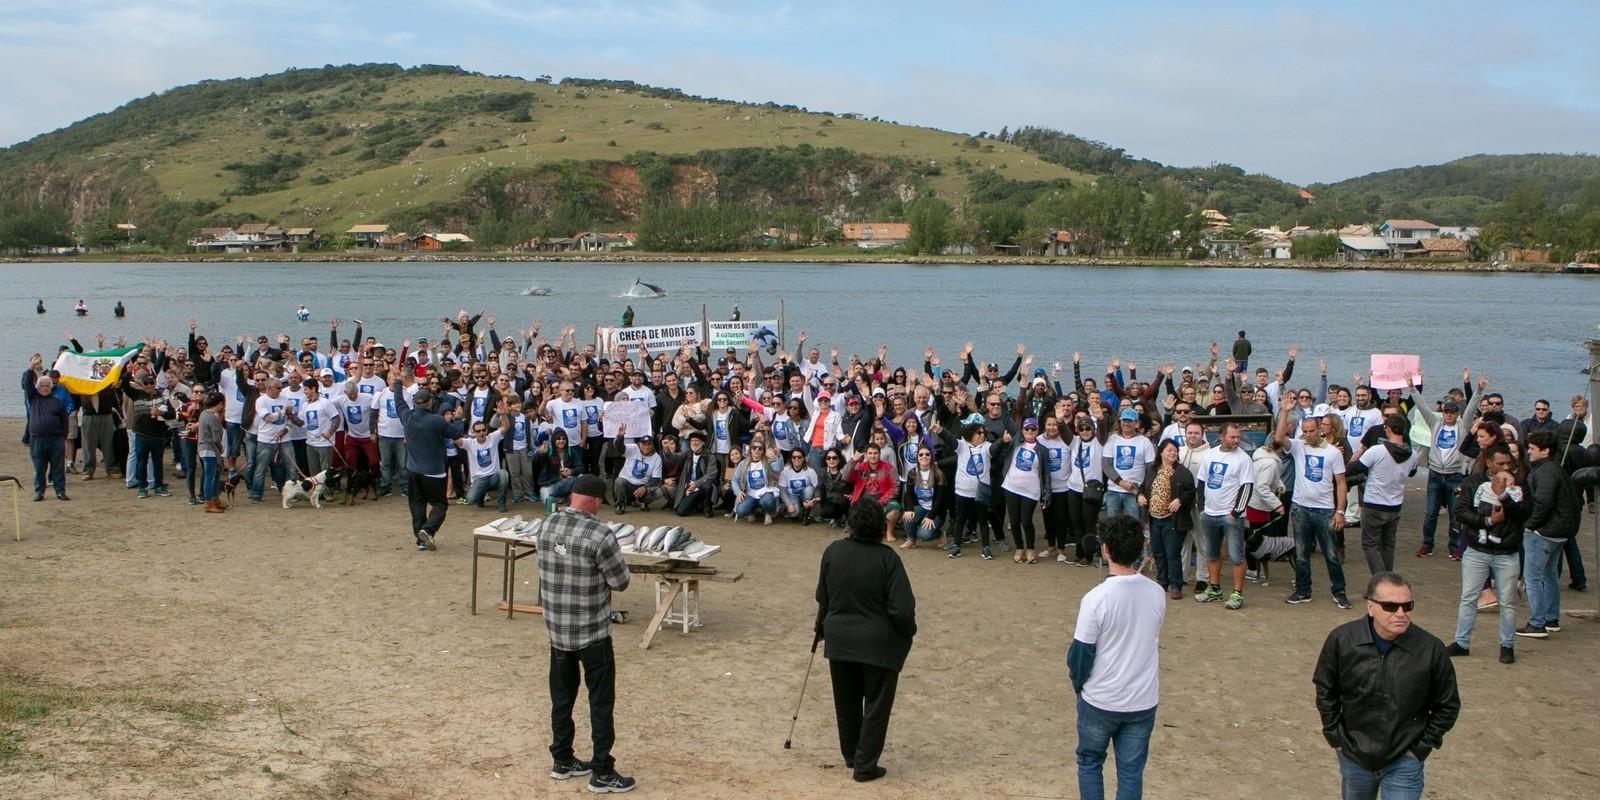 Em ato contra pesca com redes clandestinas em Laguna, botos